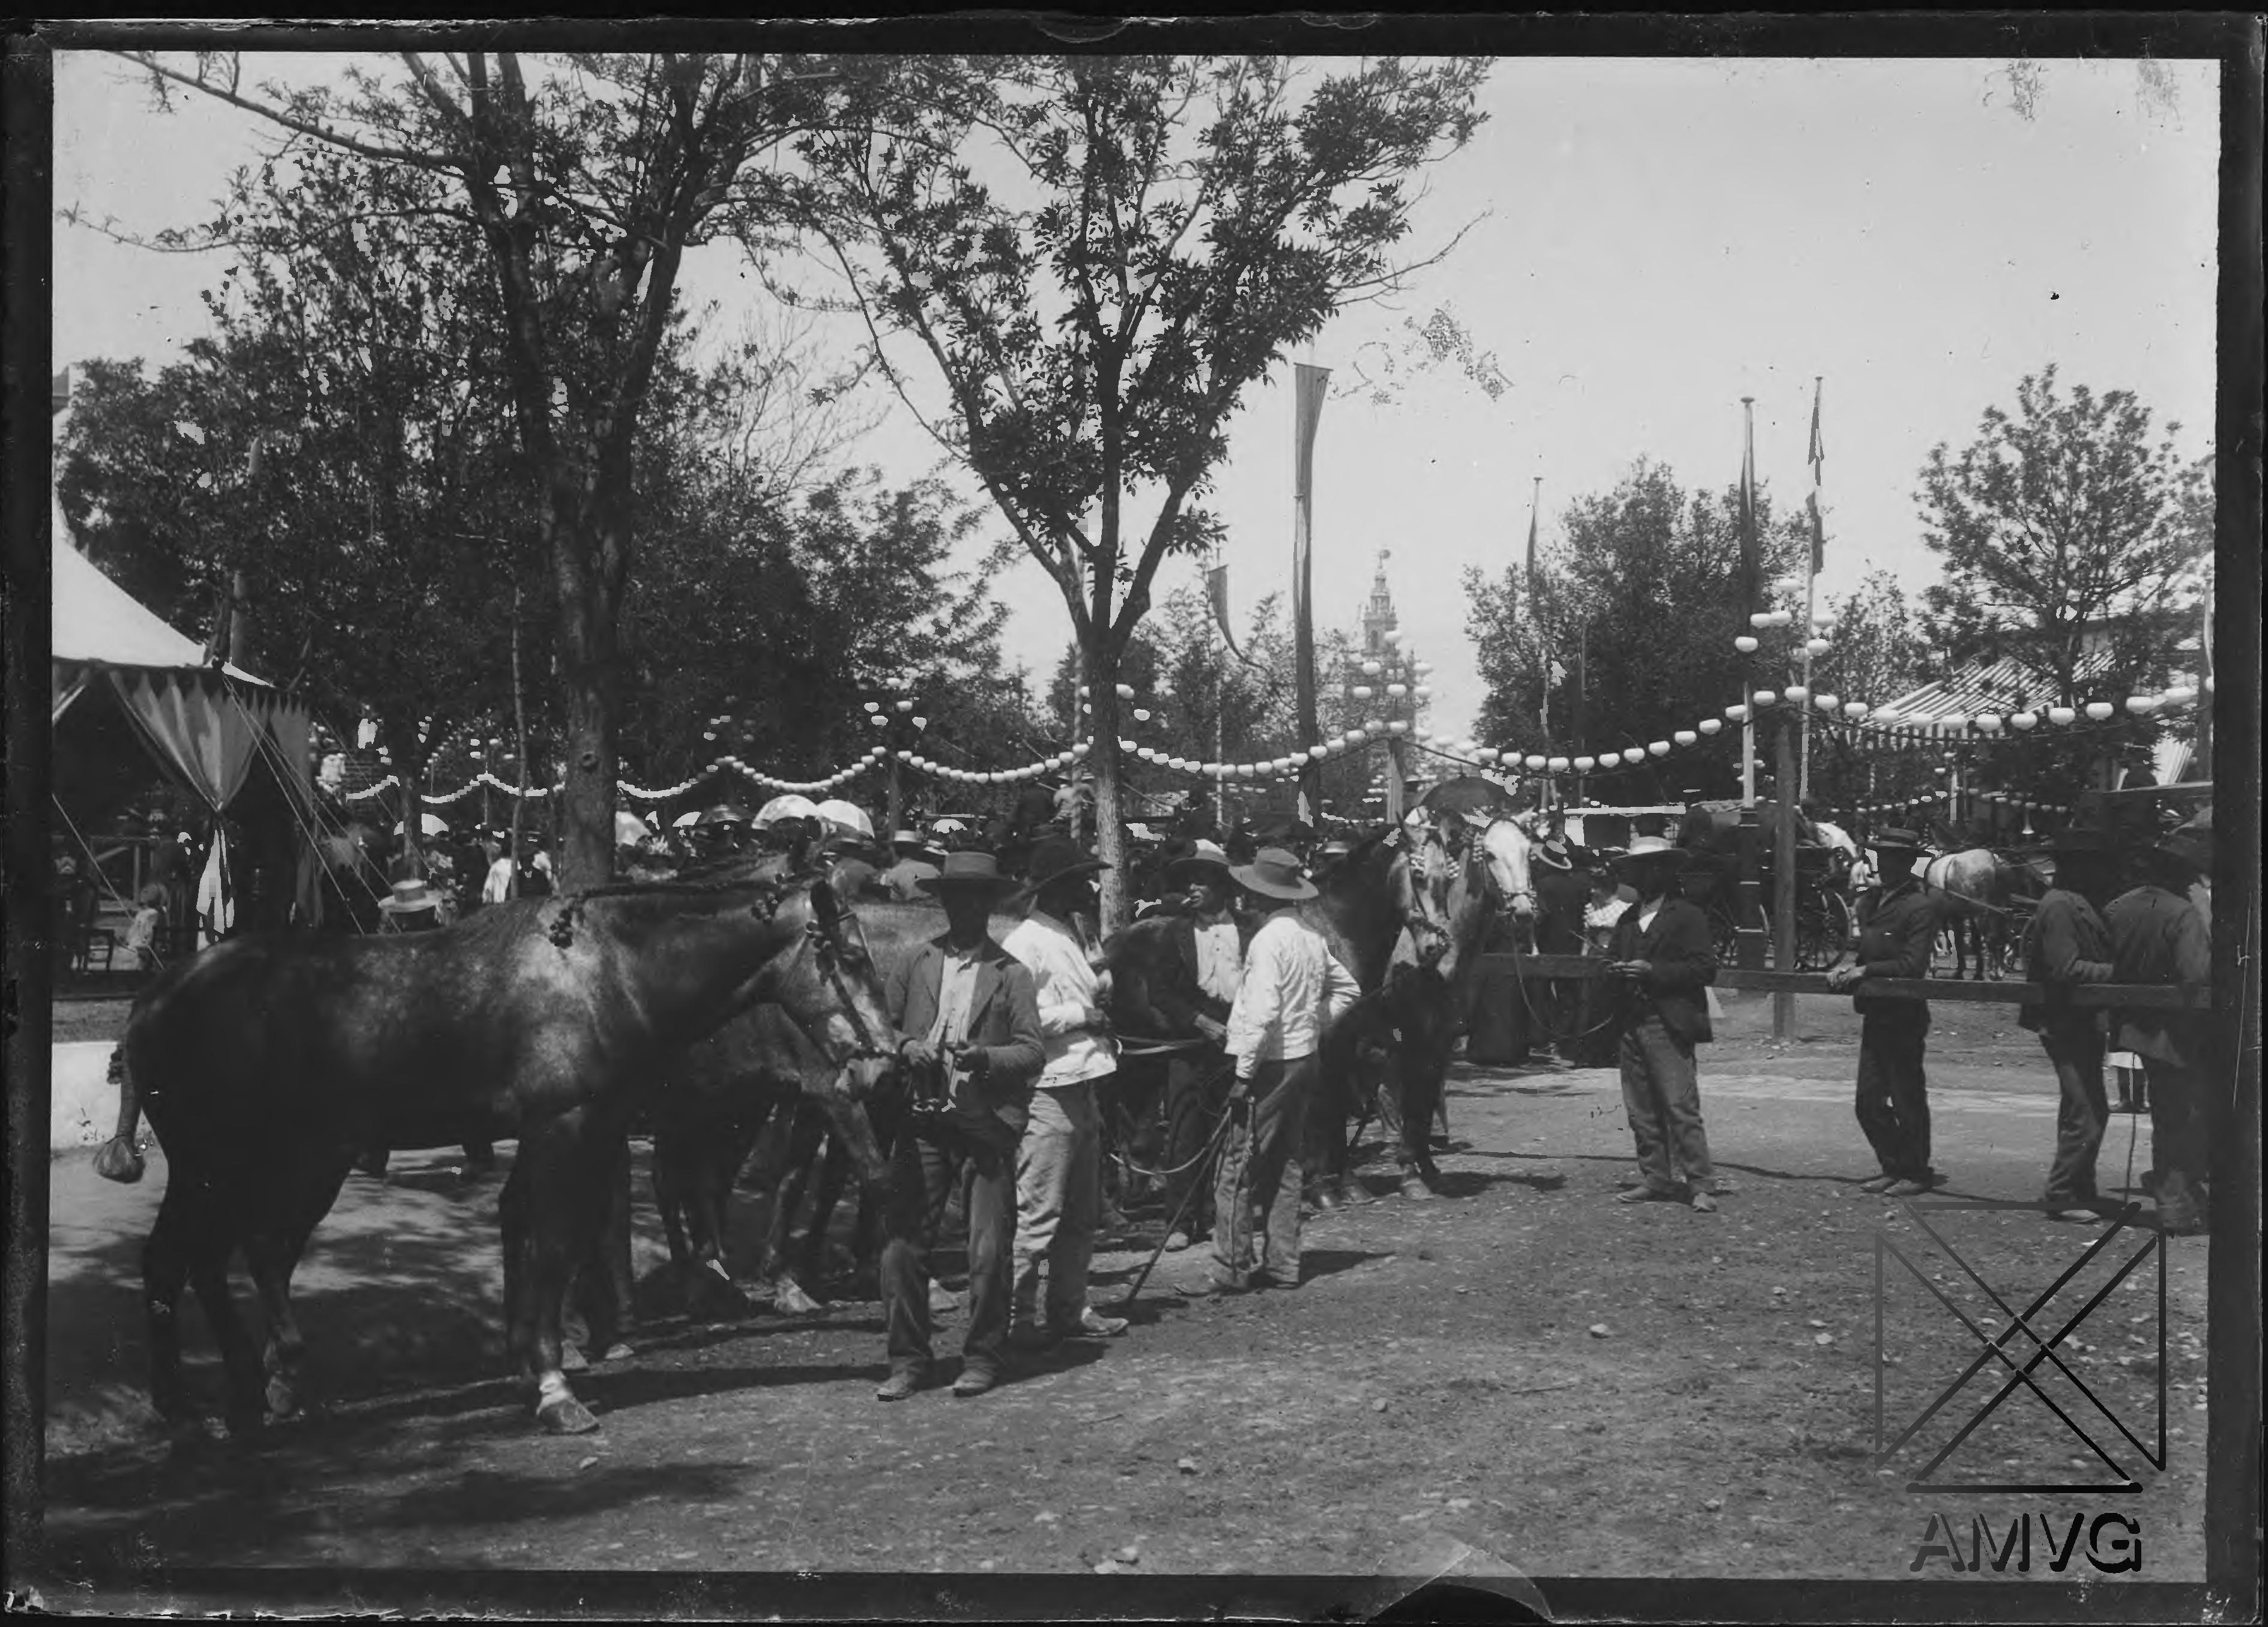 Caballos y grupos de hombres en la Feria de Sevilla